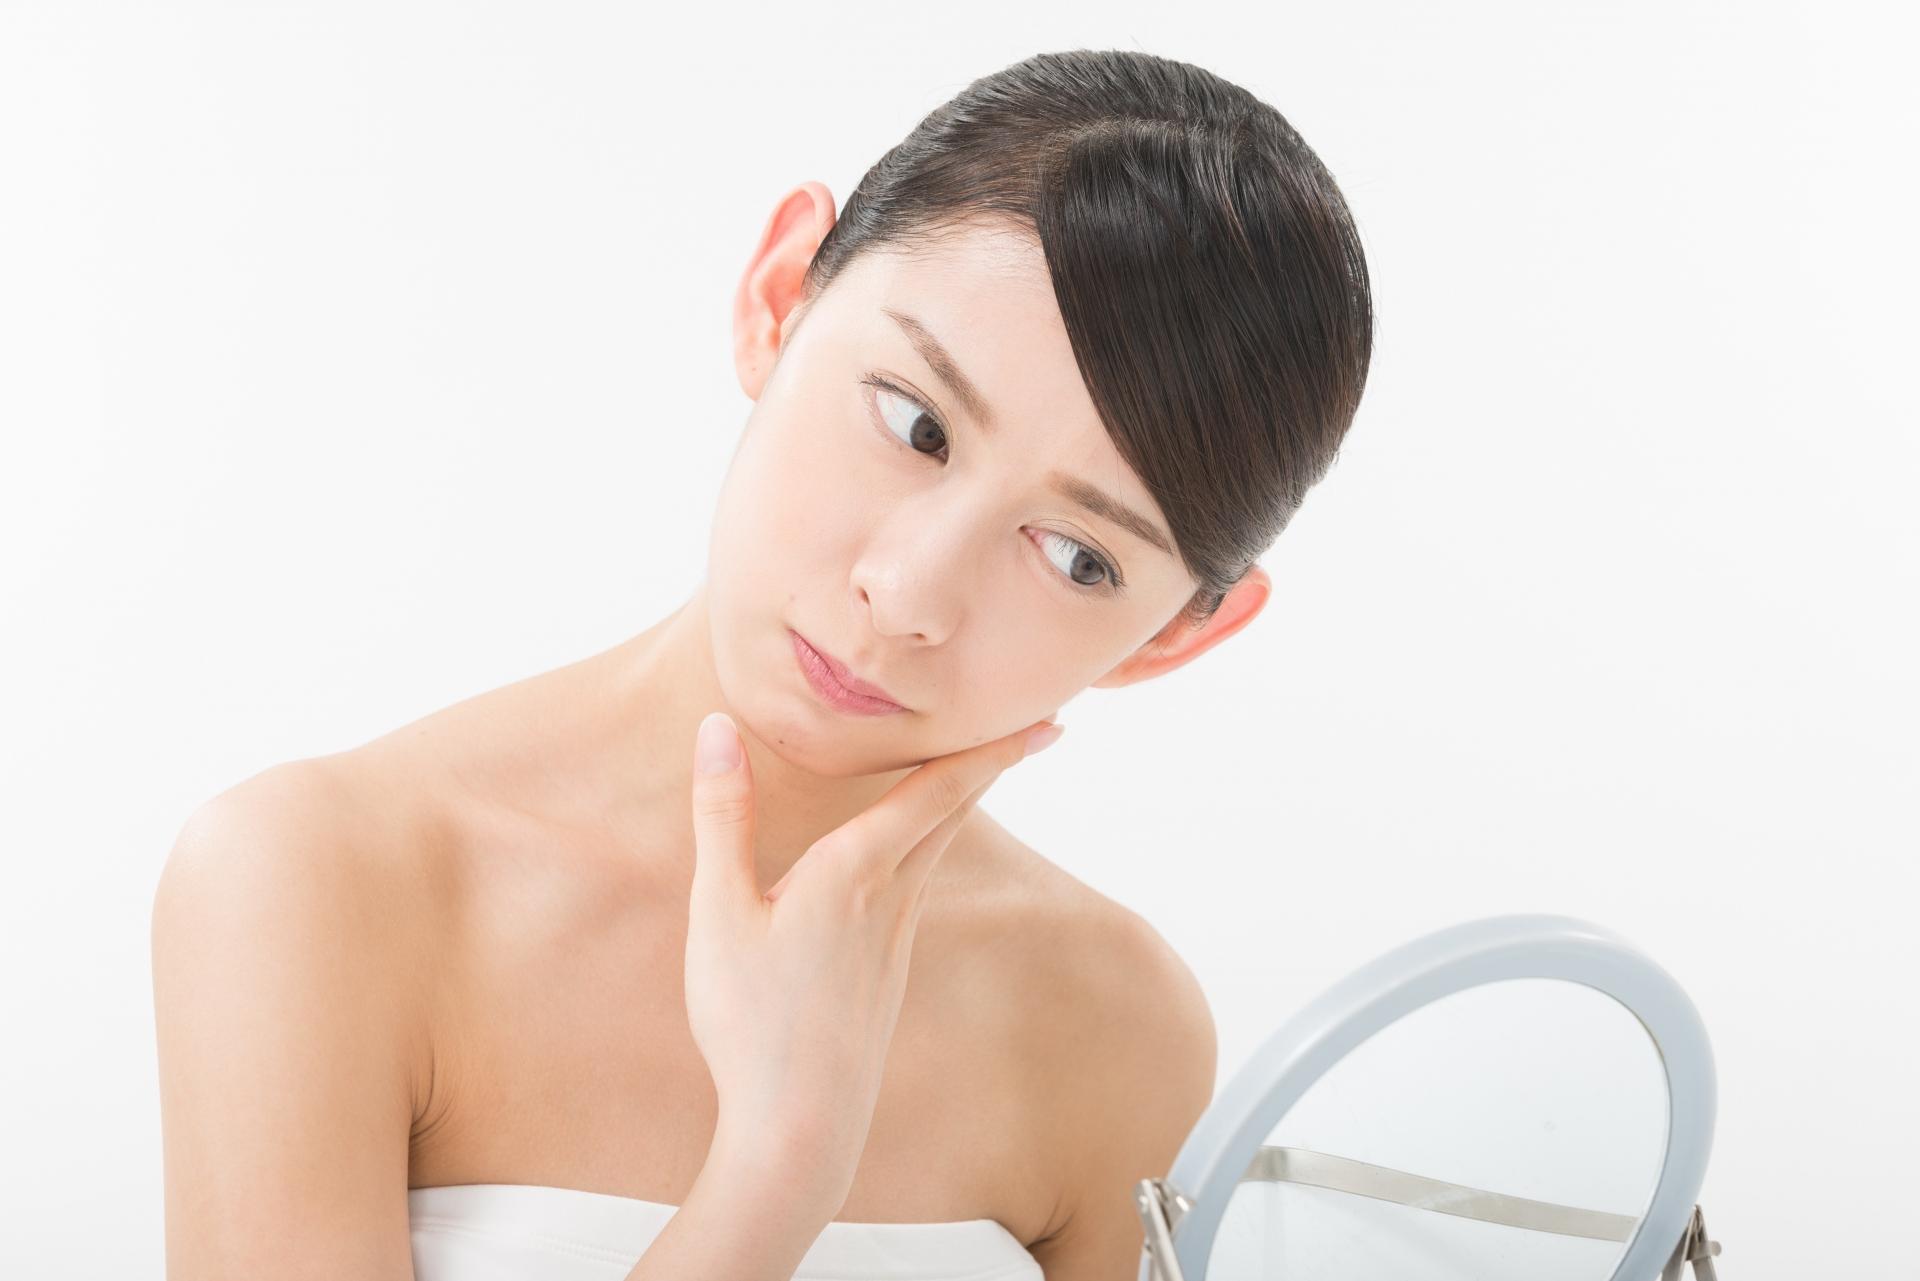 基礎化粧品で一番お金をかけるべき肌トラブル別